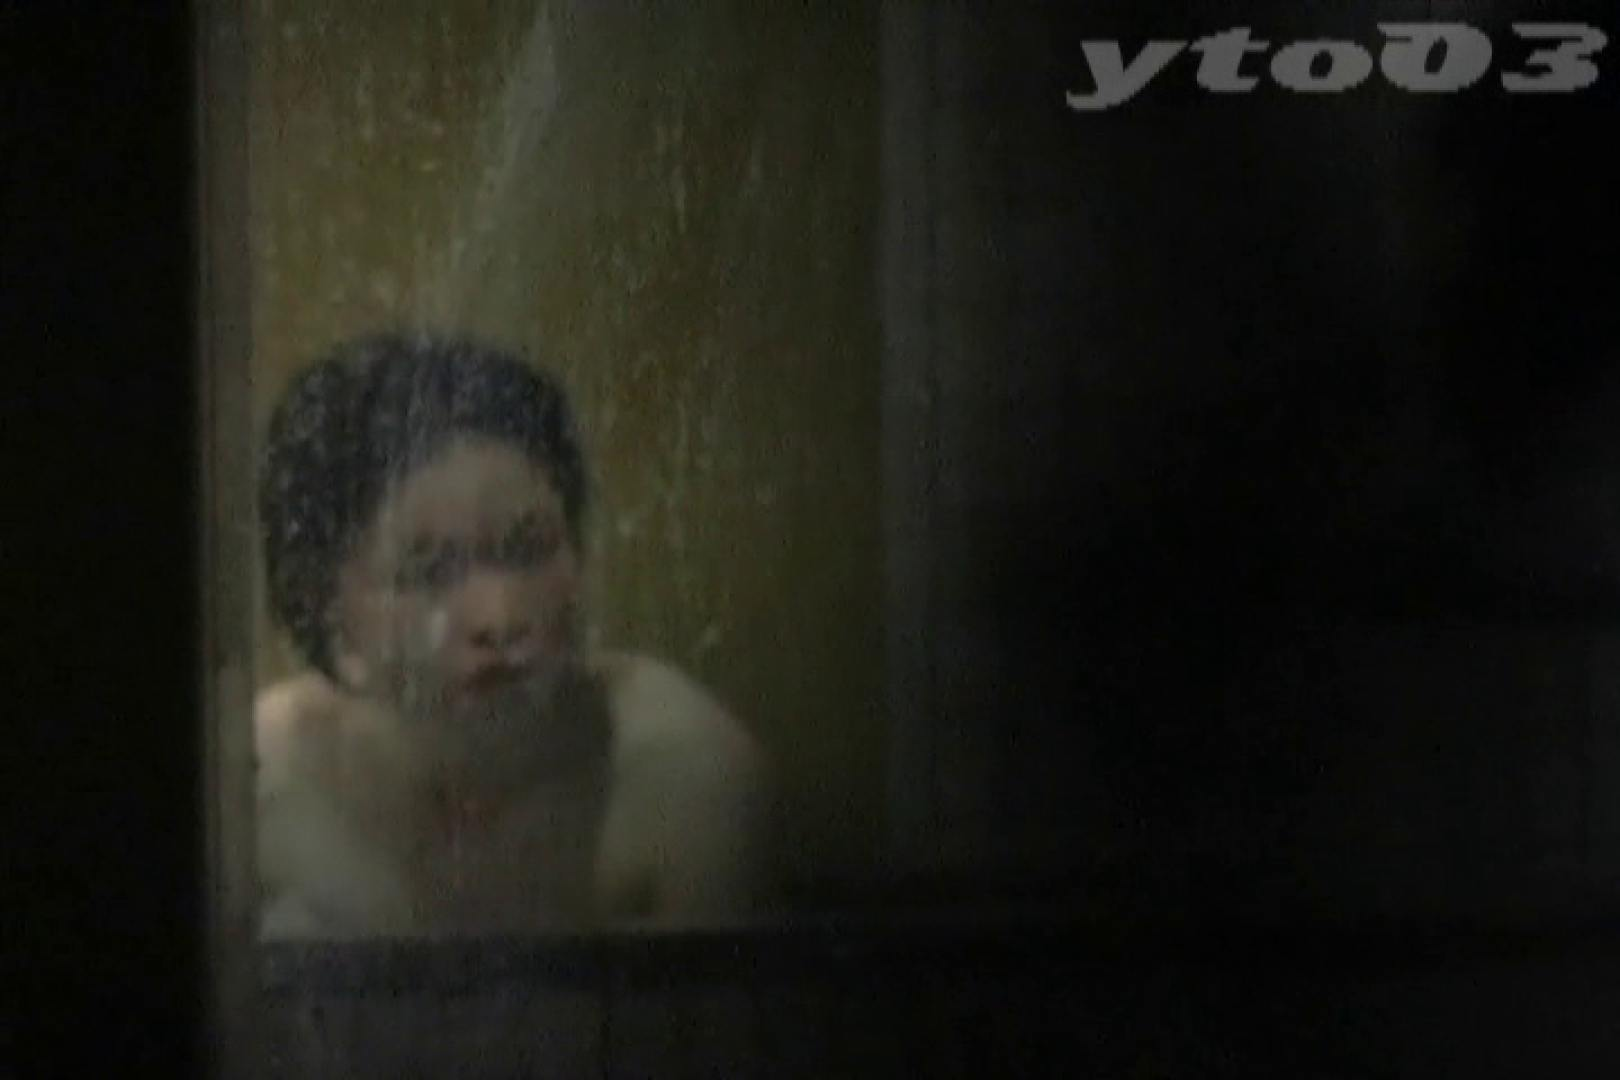 ▲復活限定▲合宿ホテル女風呂盗撮 Vol.18 女風呂 すけべAV動画紹介 75PIX 21